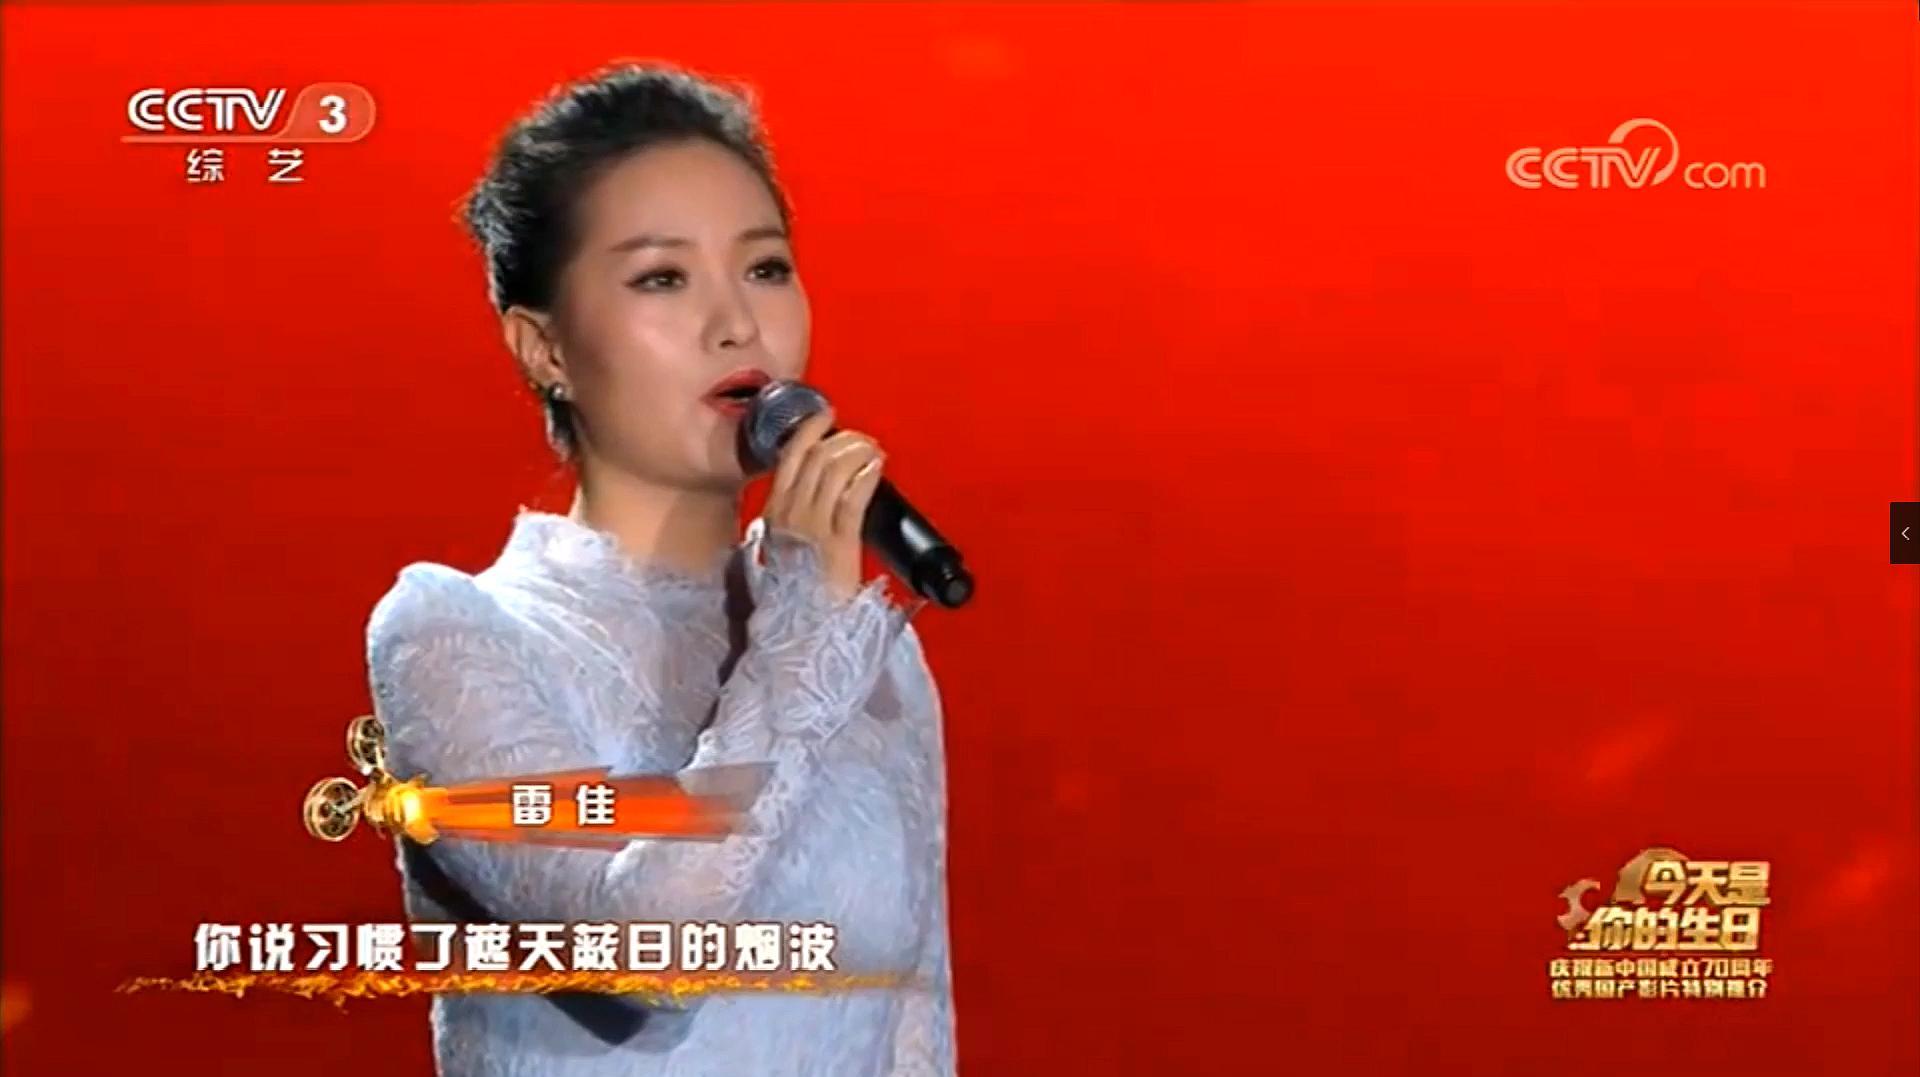 雷佳深情演唱《烈火英雄》的主题曲,感人至深,向英雄致敬!